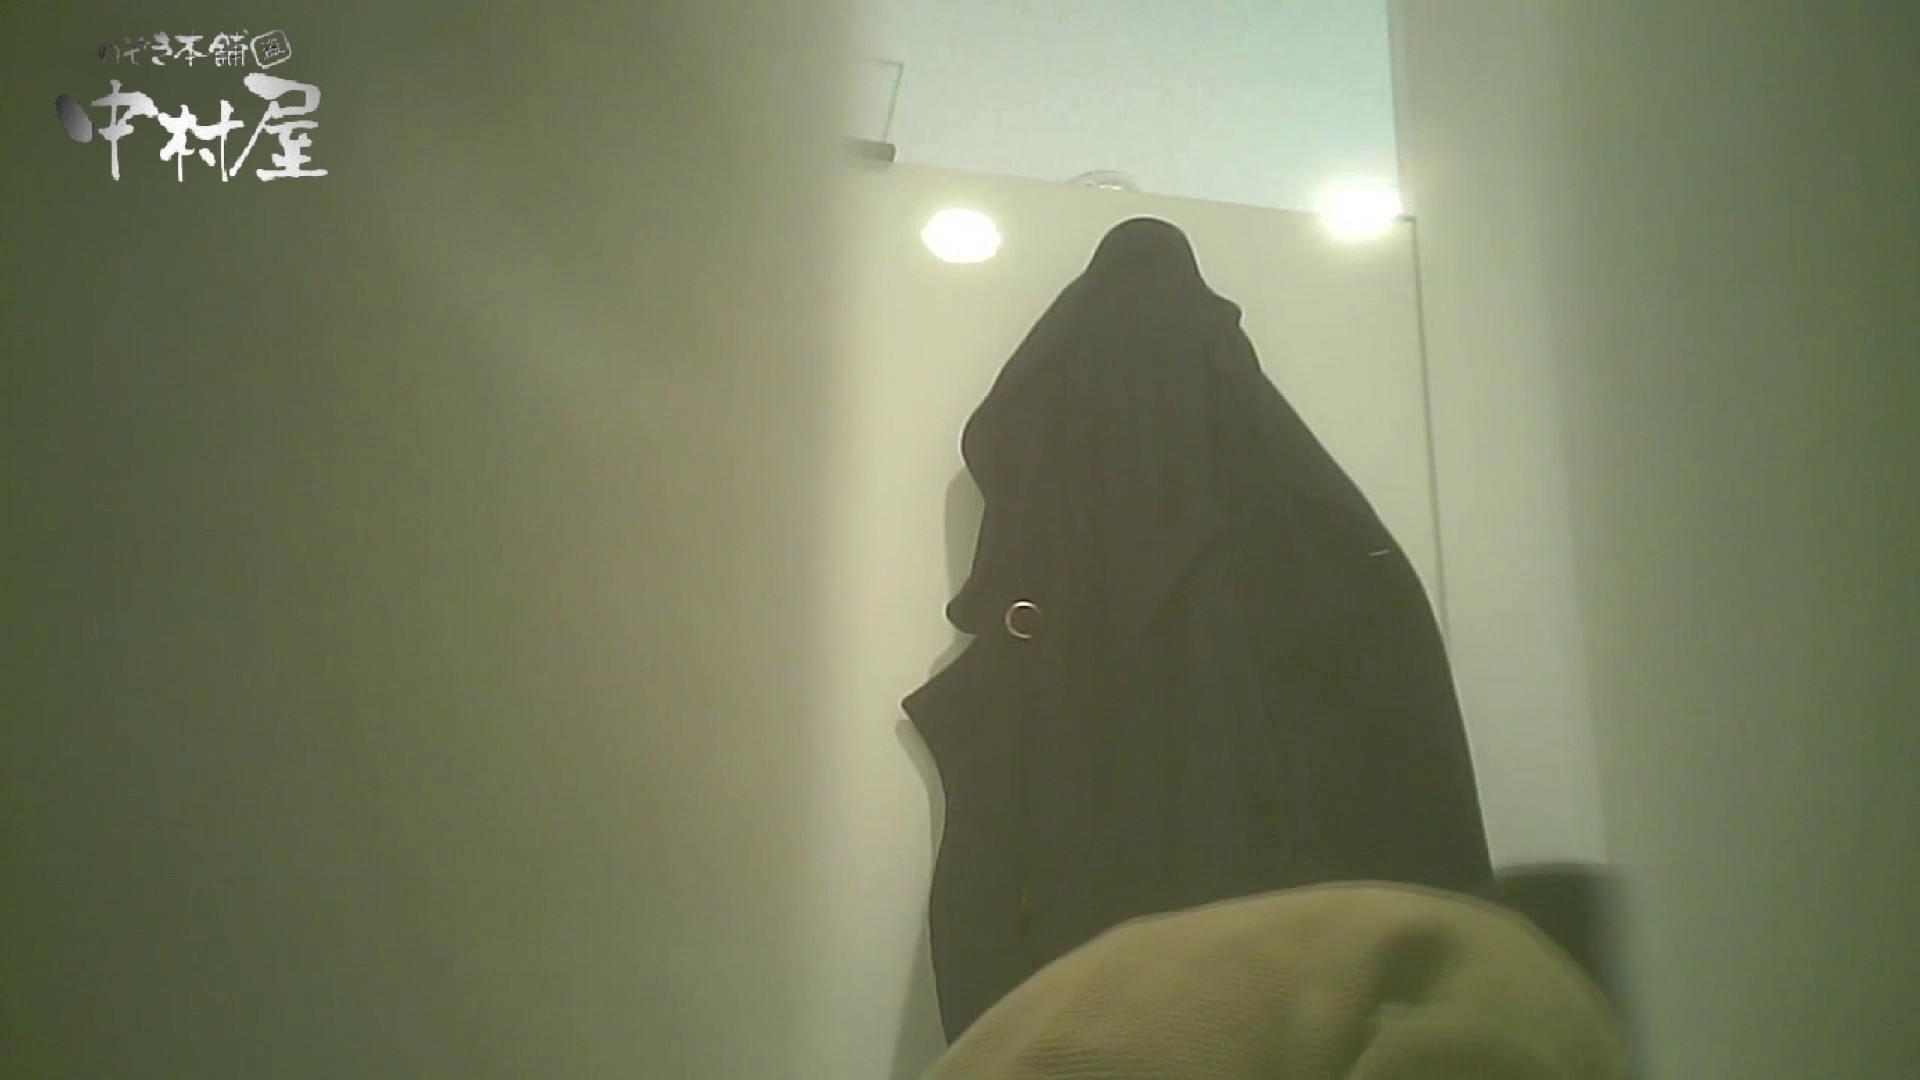 有名大学女性洗面所 vol.54 設置撮影最高峰!! 3視点でじっくり観察 0  65pic 4